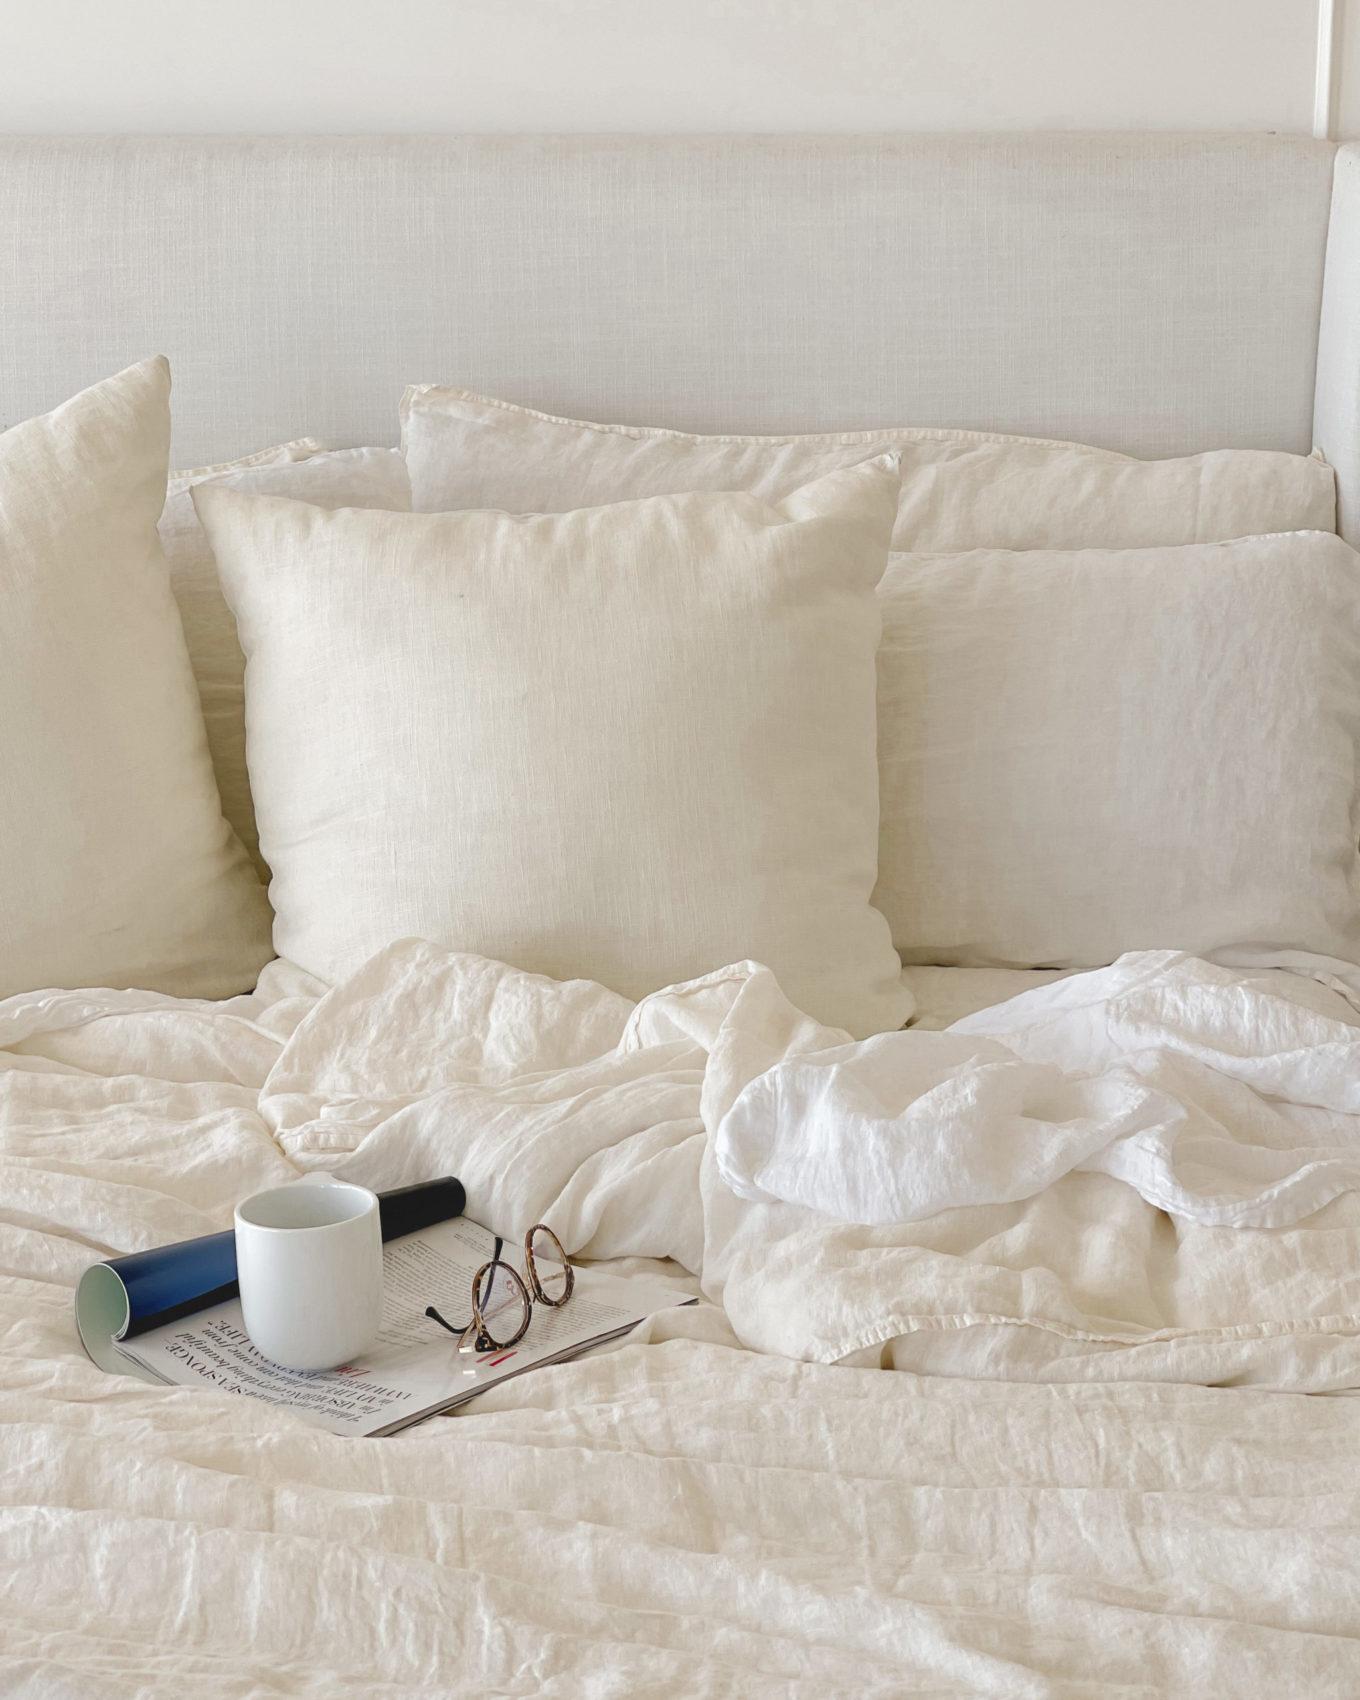 linen sheets, linen spray, spa, bedroom, bed